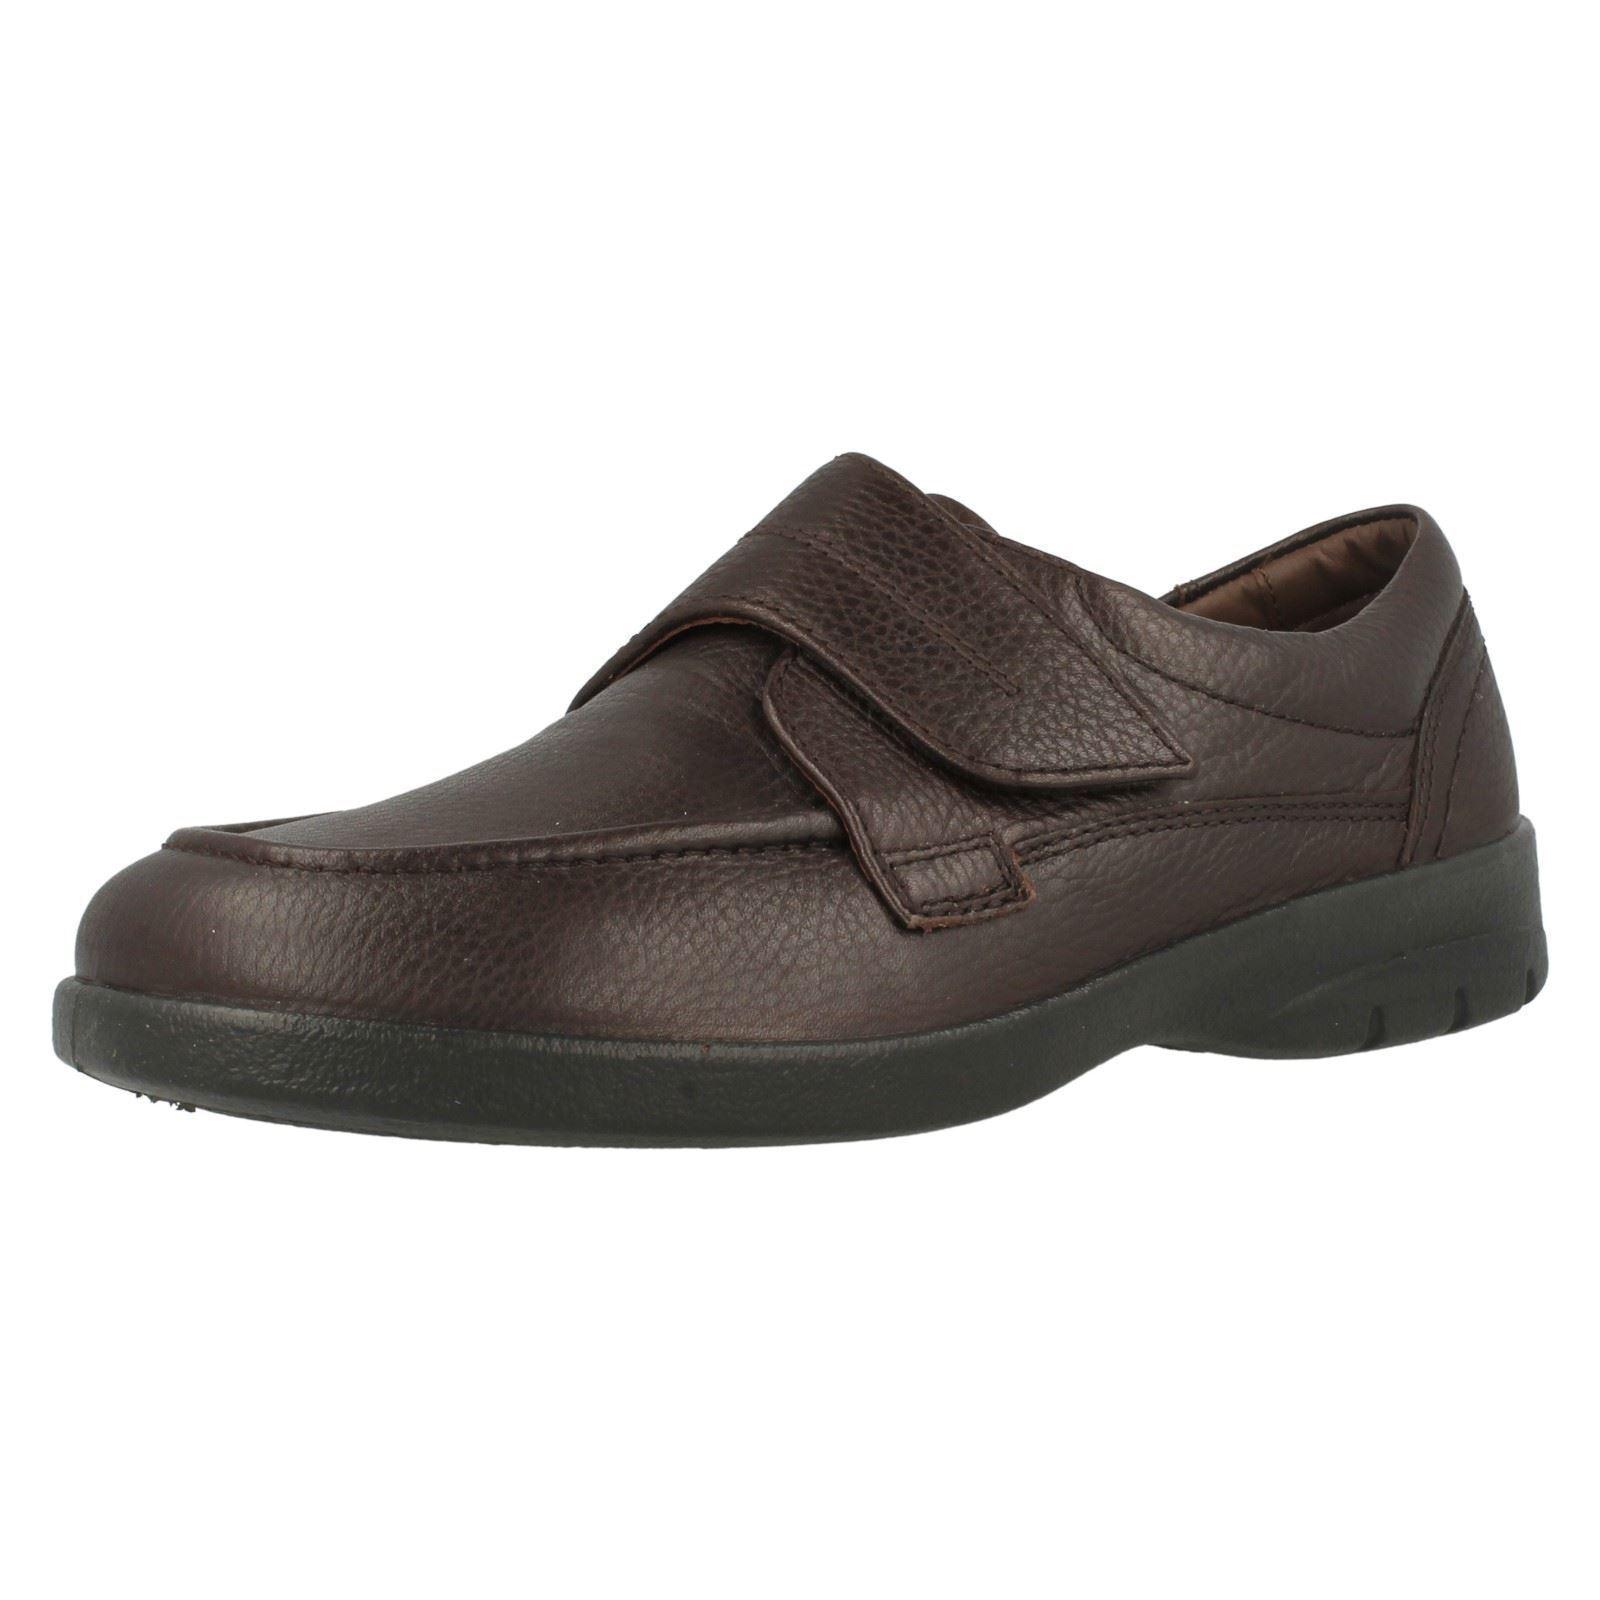 HOMBRE CUERO MARRÓN CIERRE ADHESIVO Zapatos Padders Informal Doble Ajuste Zapatos ADHESIVO Solar 6d3e1c